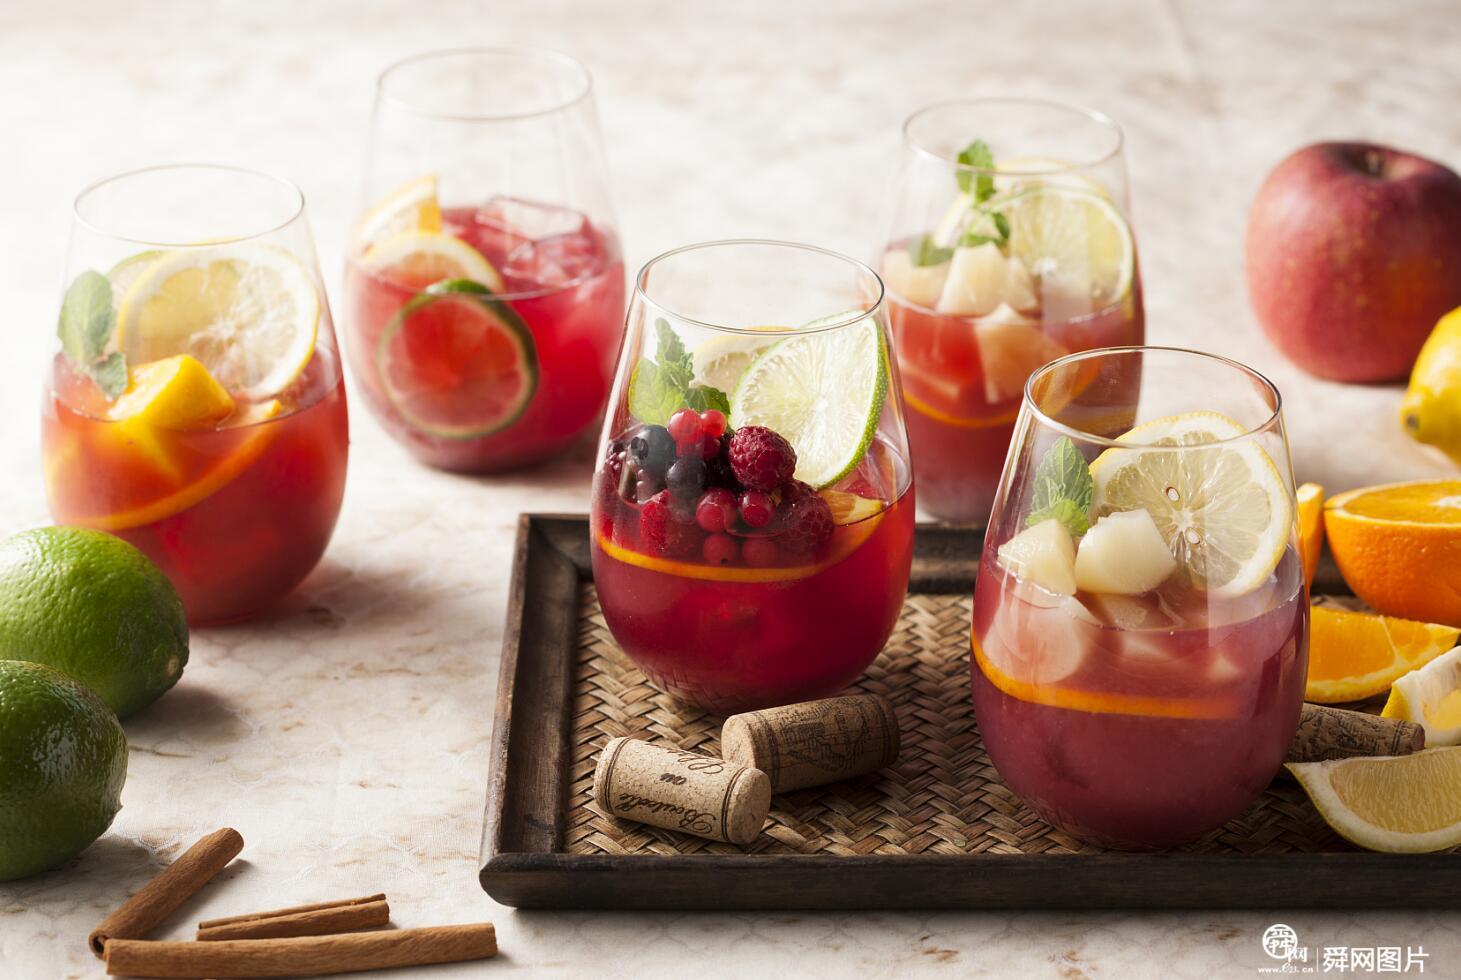 夏季如何吃冰喝冷饮不伤身?